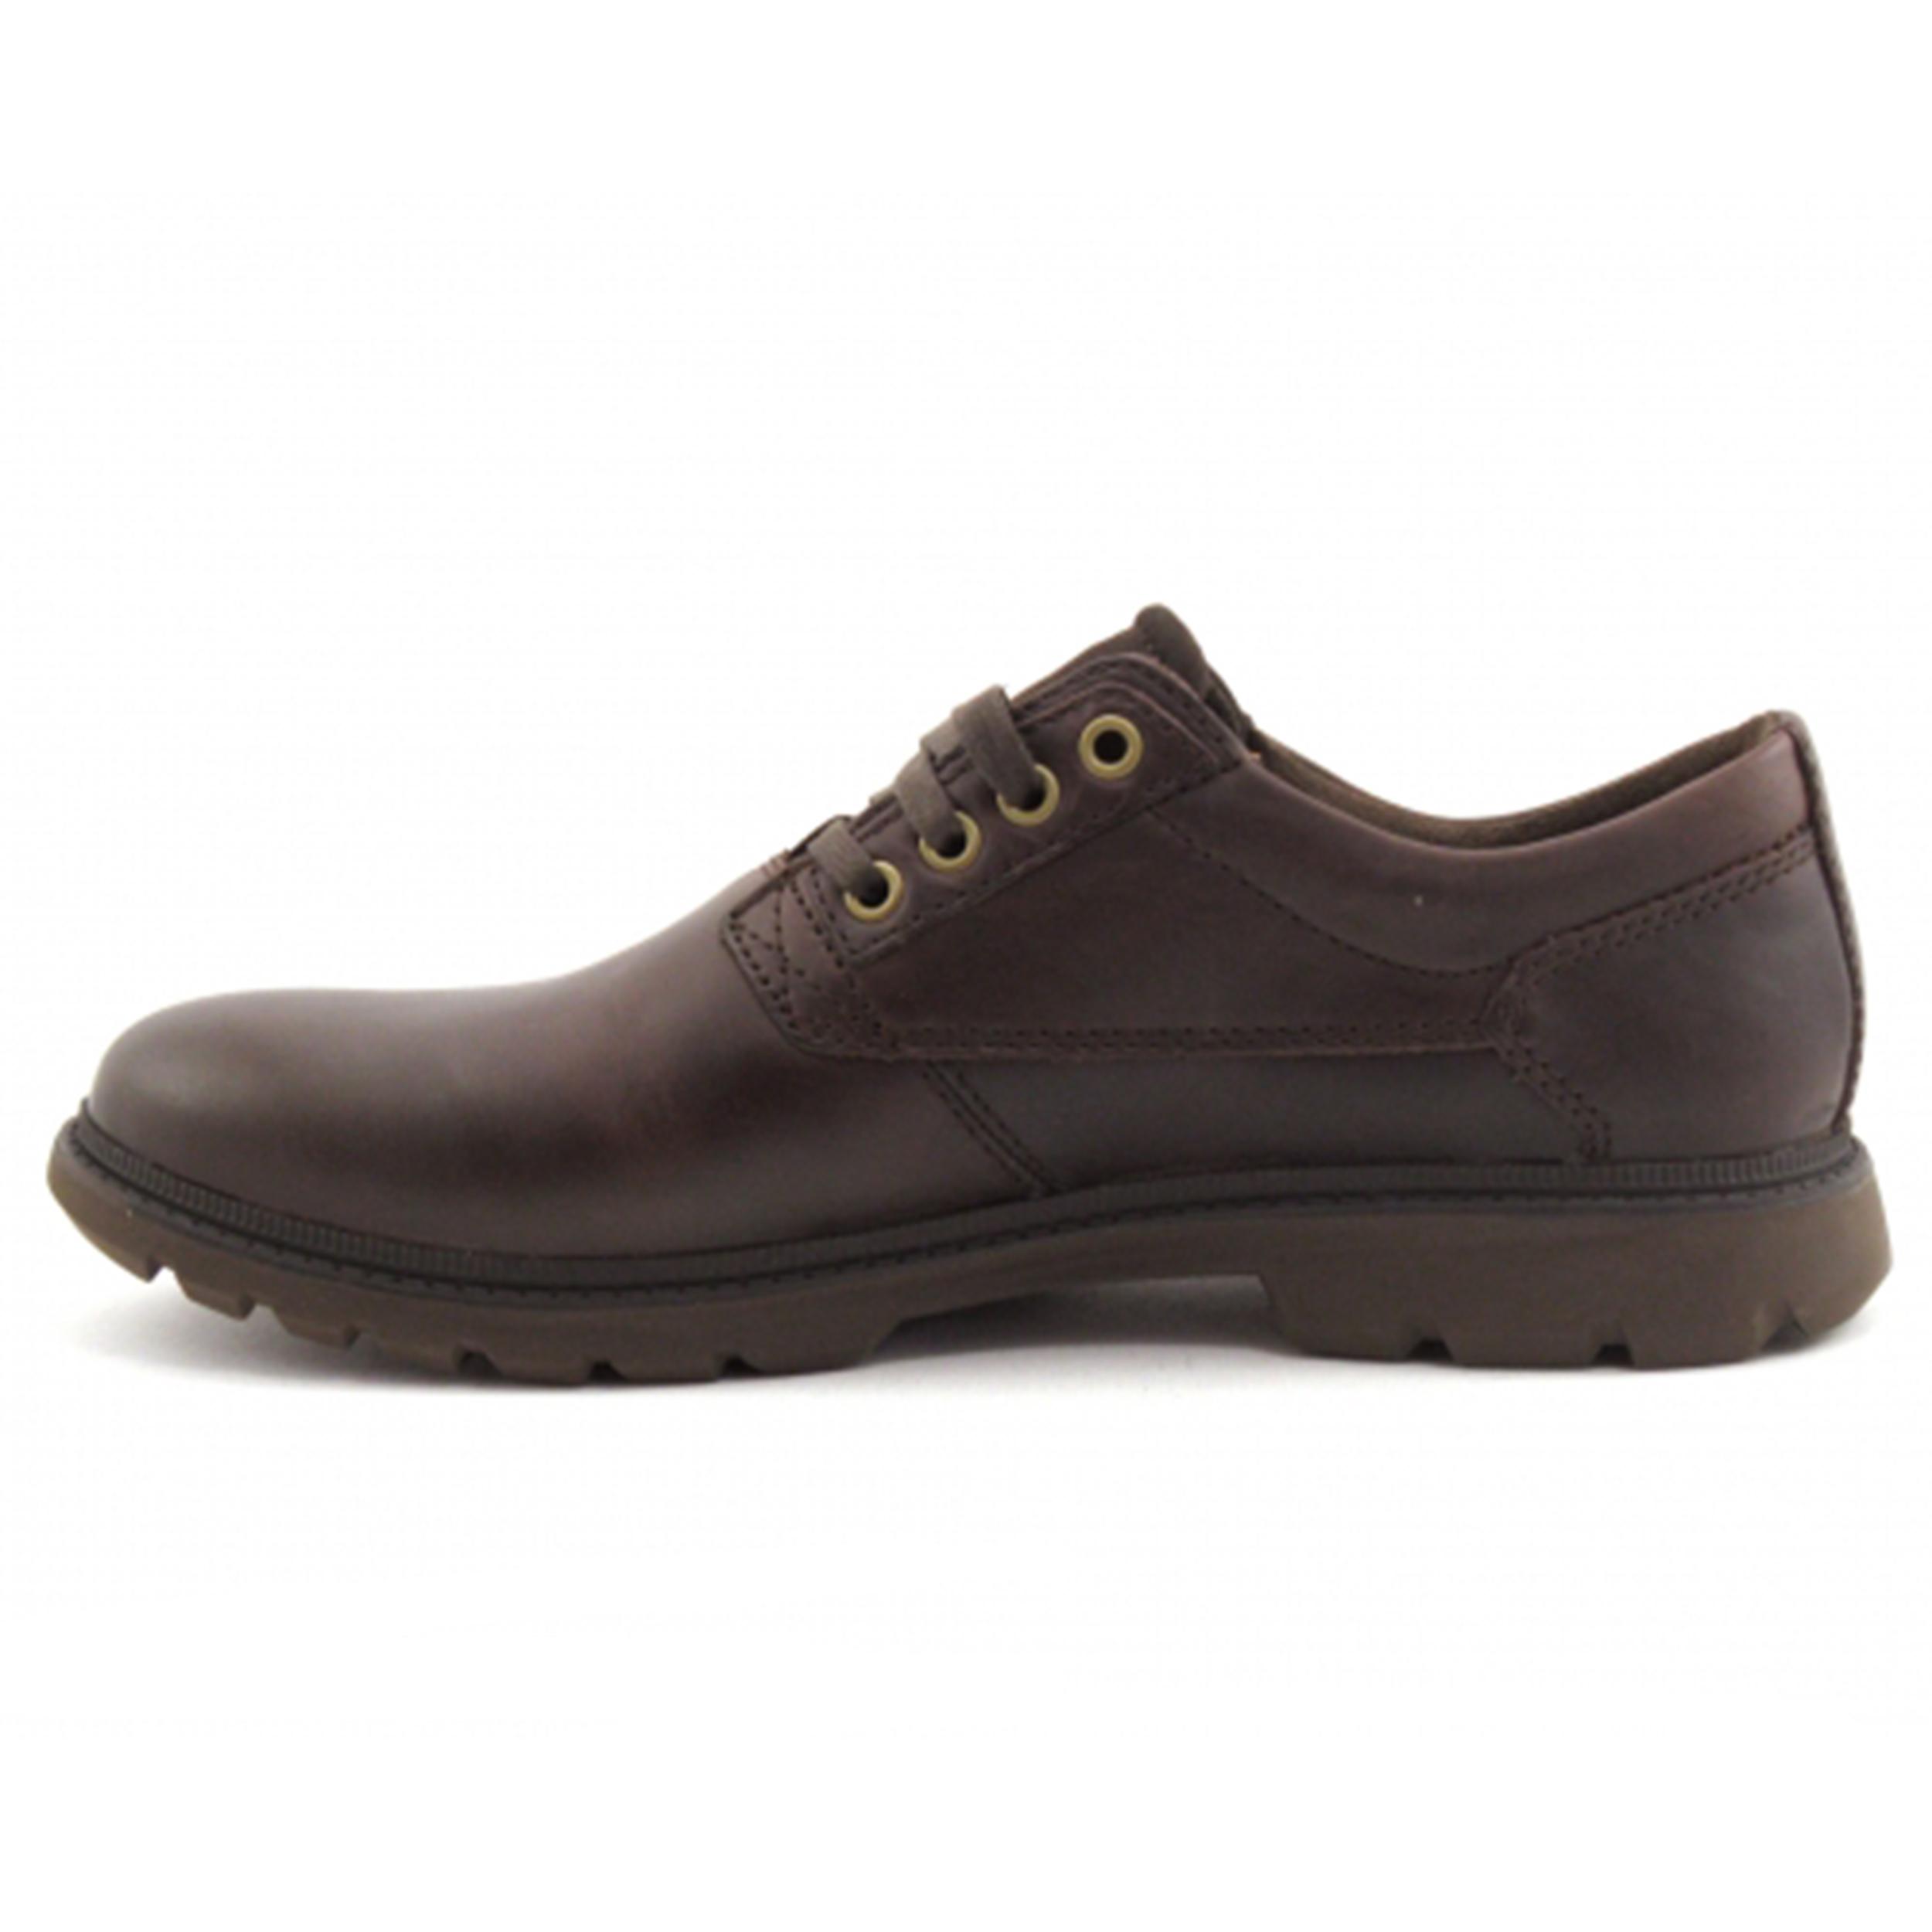 قیمت کفش مردانه کاترپیلار مدل 721808